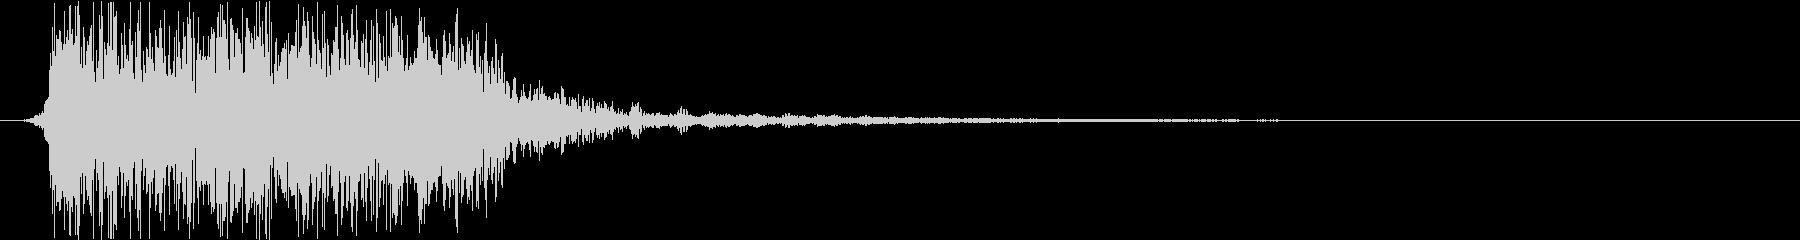 ヘヴィロック風ジングル2秒の未再生の波形